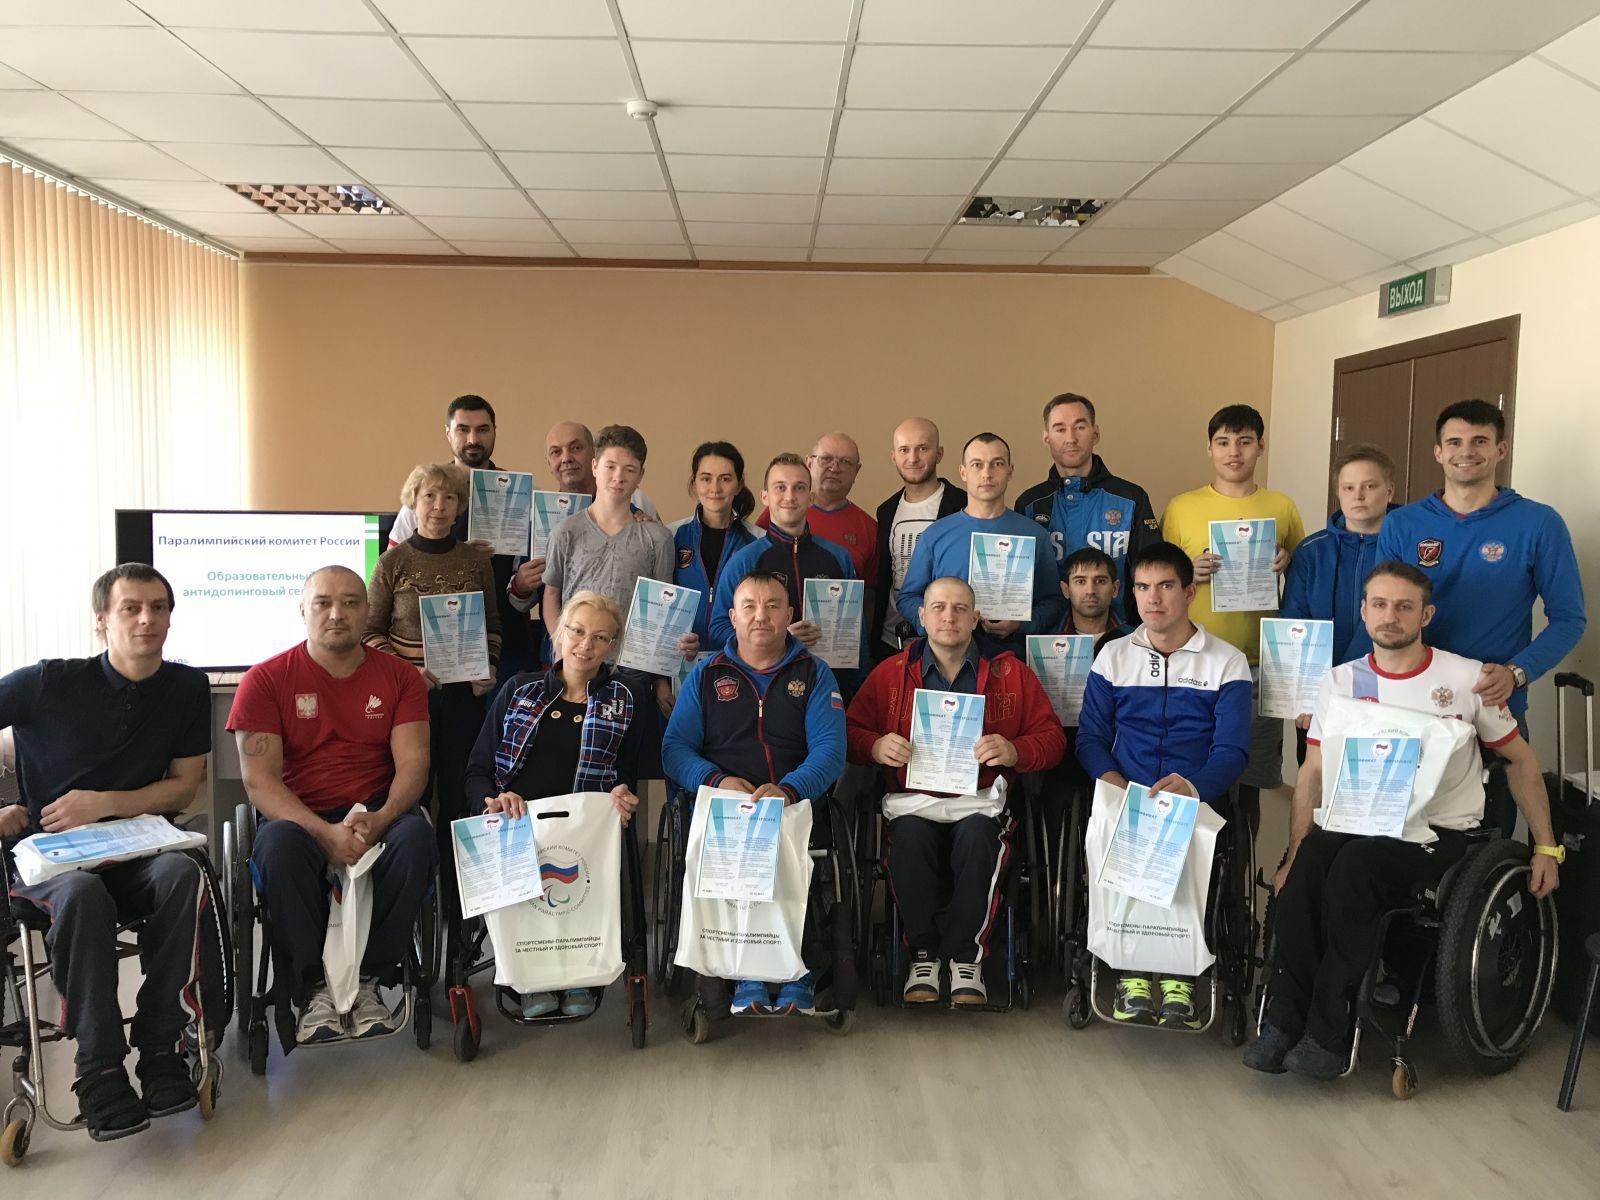 ПКР в г. Новочебоксарске (Чувашская Республика) провел Антидопинговый семинар для членов сборной команды России по парабадминтону